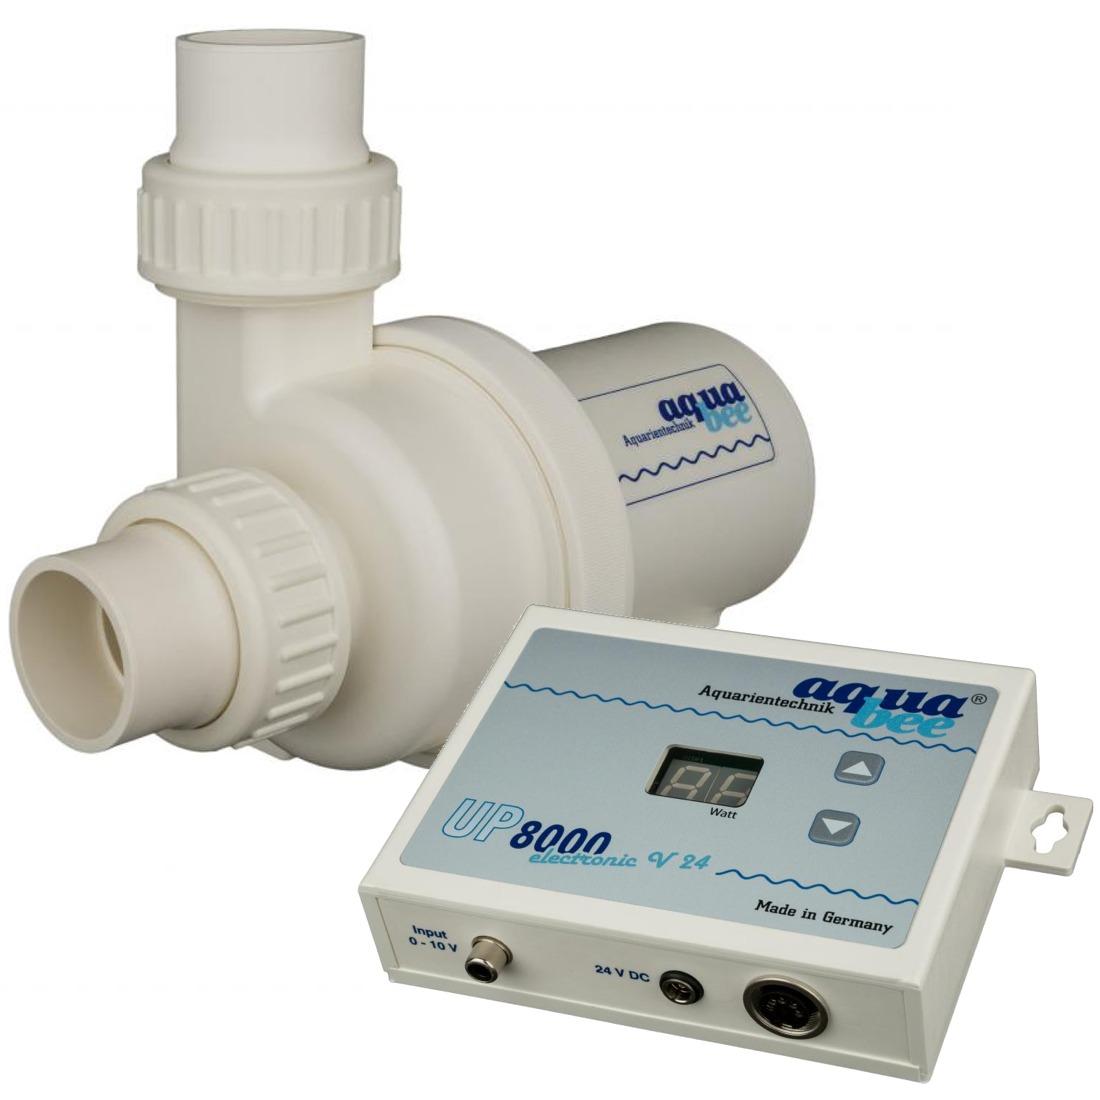 AQUABEE UP 8000e 24V pompe d\'aquarium 8000 L/h fonctionnement basse tension avec contrôleur électronique